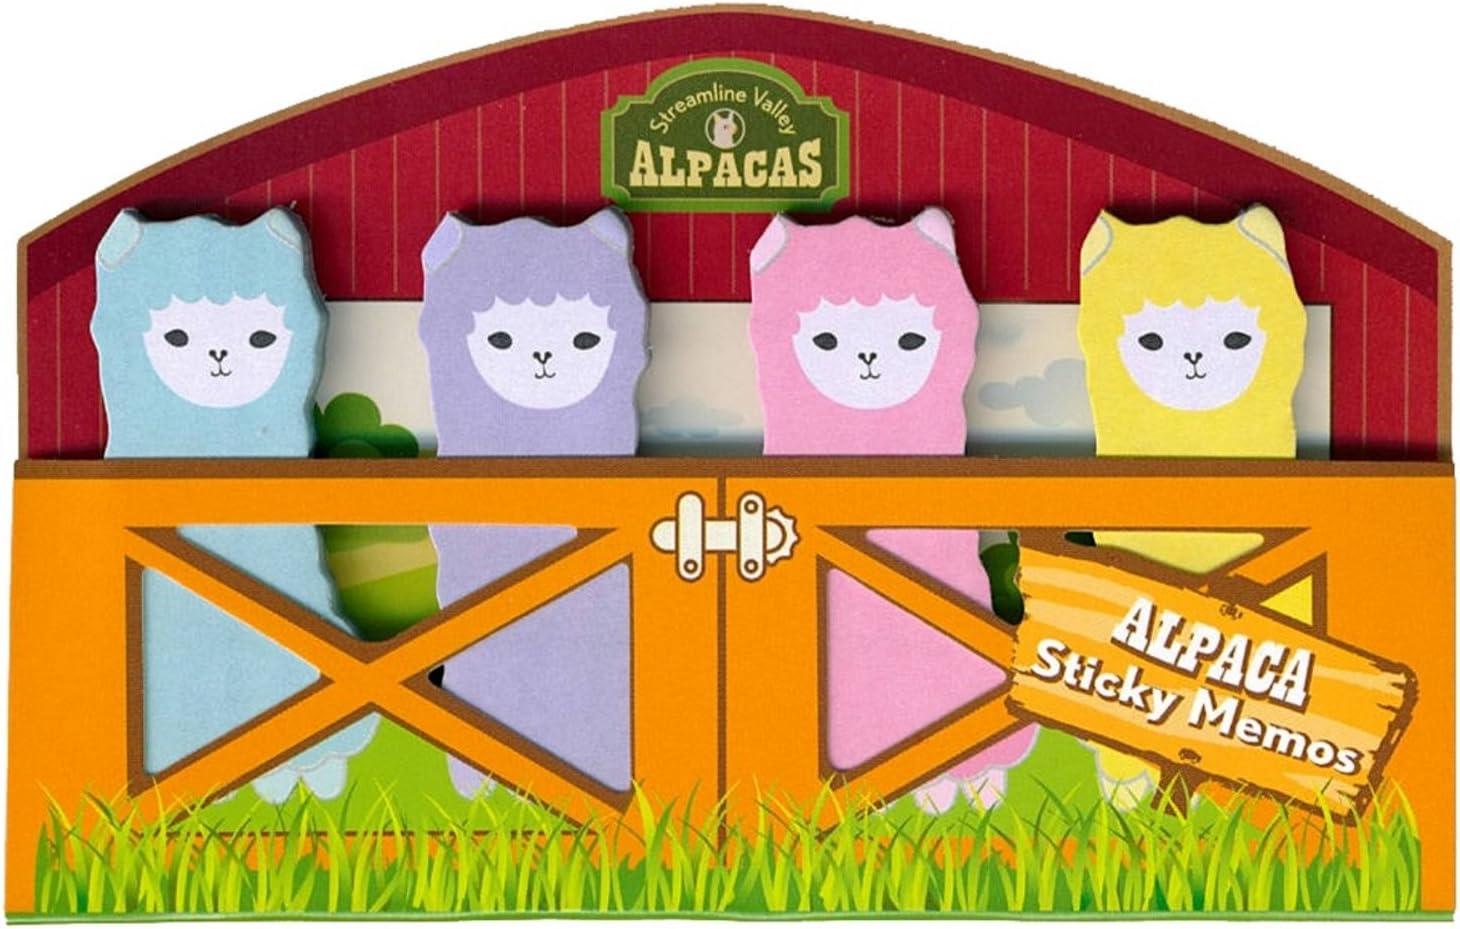 Streamline Valley Alpacas Sticky Memo Tab Set